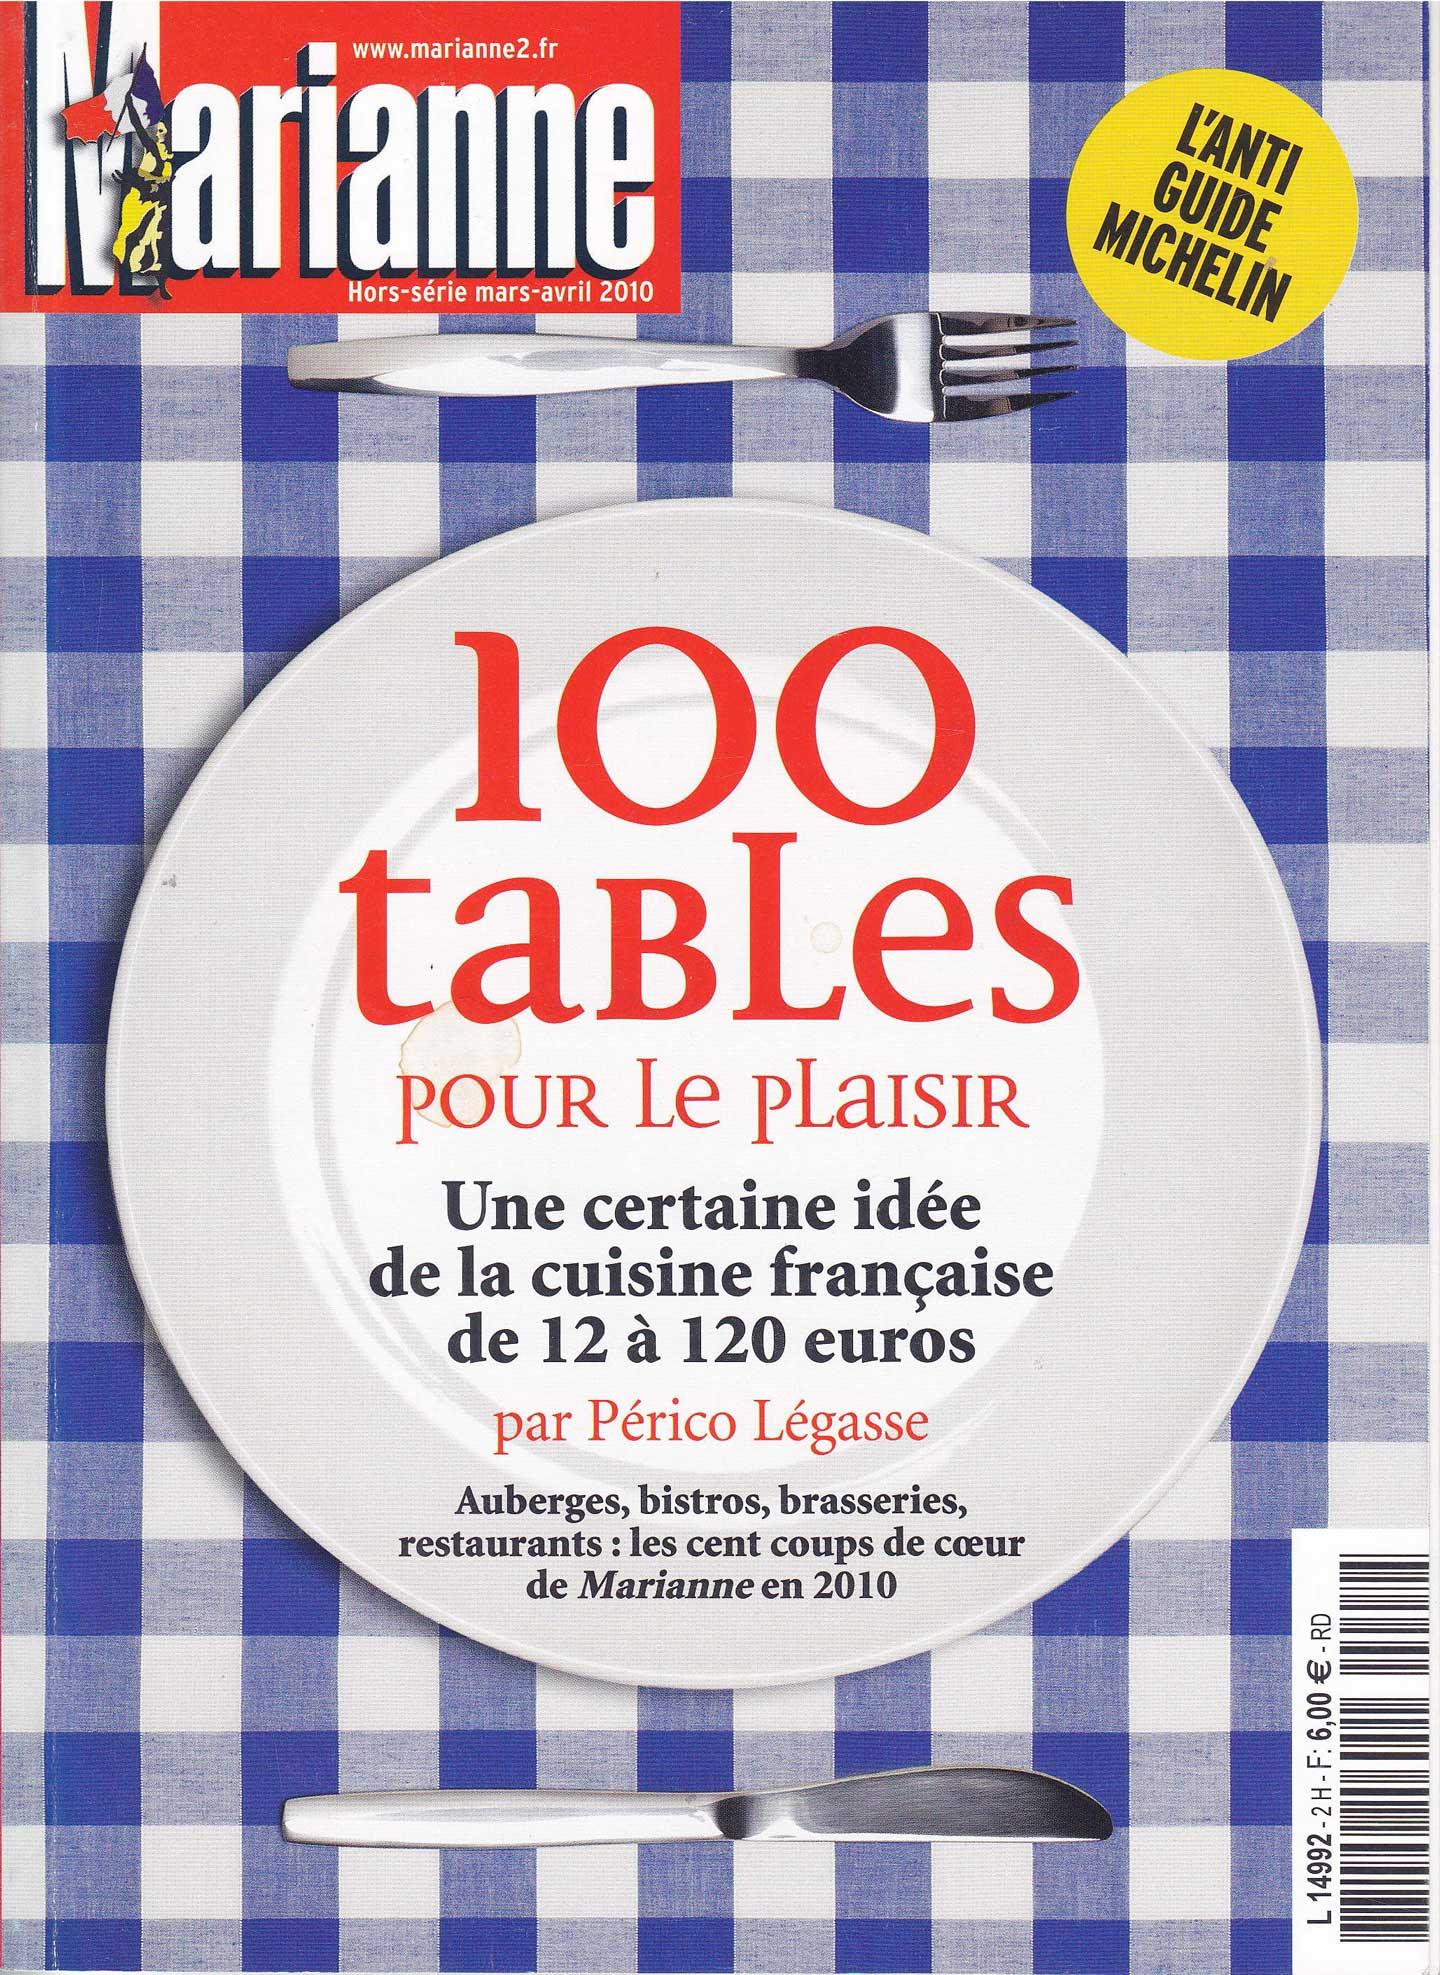 100 tables pour le plaisir de Marianne